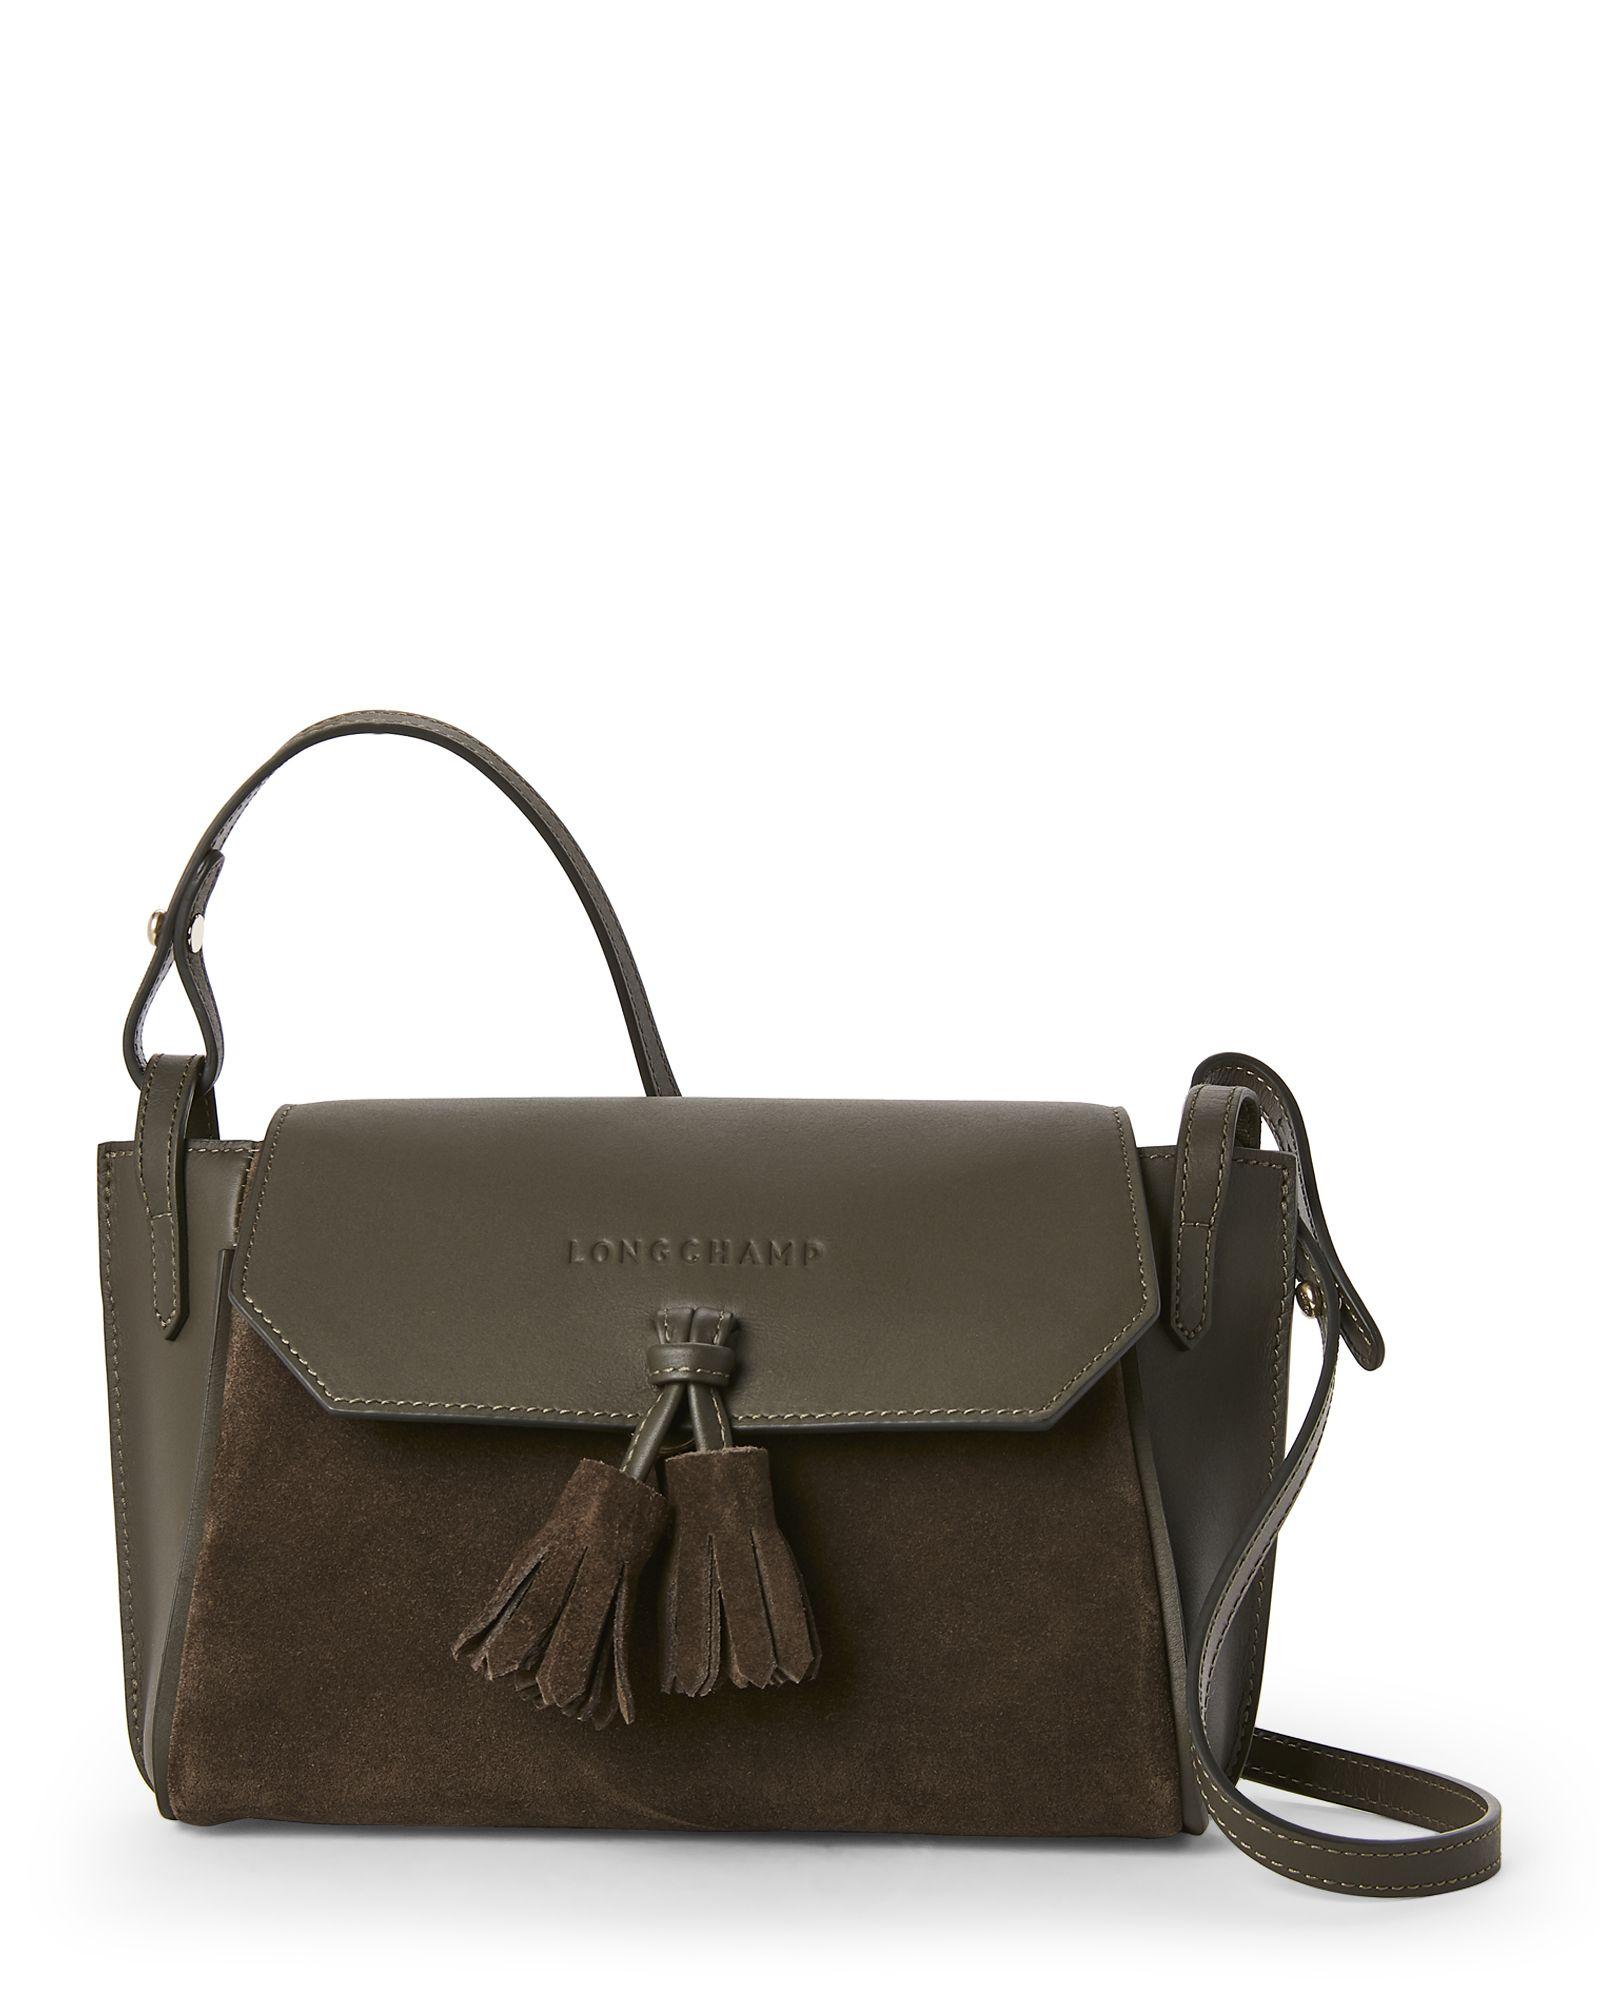 02ea7359b4e9 Longchamp Khaki Pénélope Soft Leather Crossbody